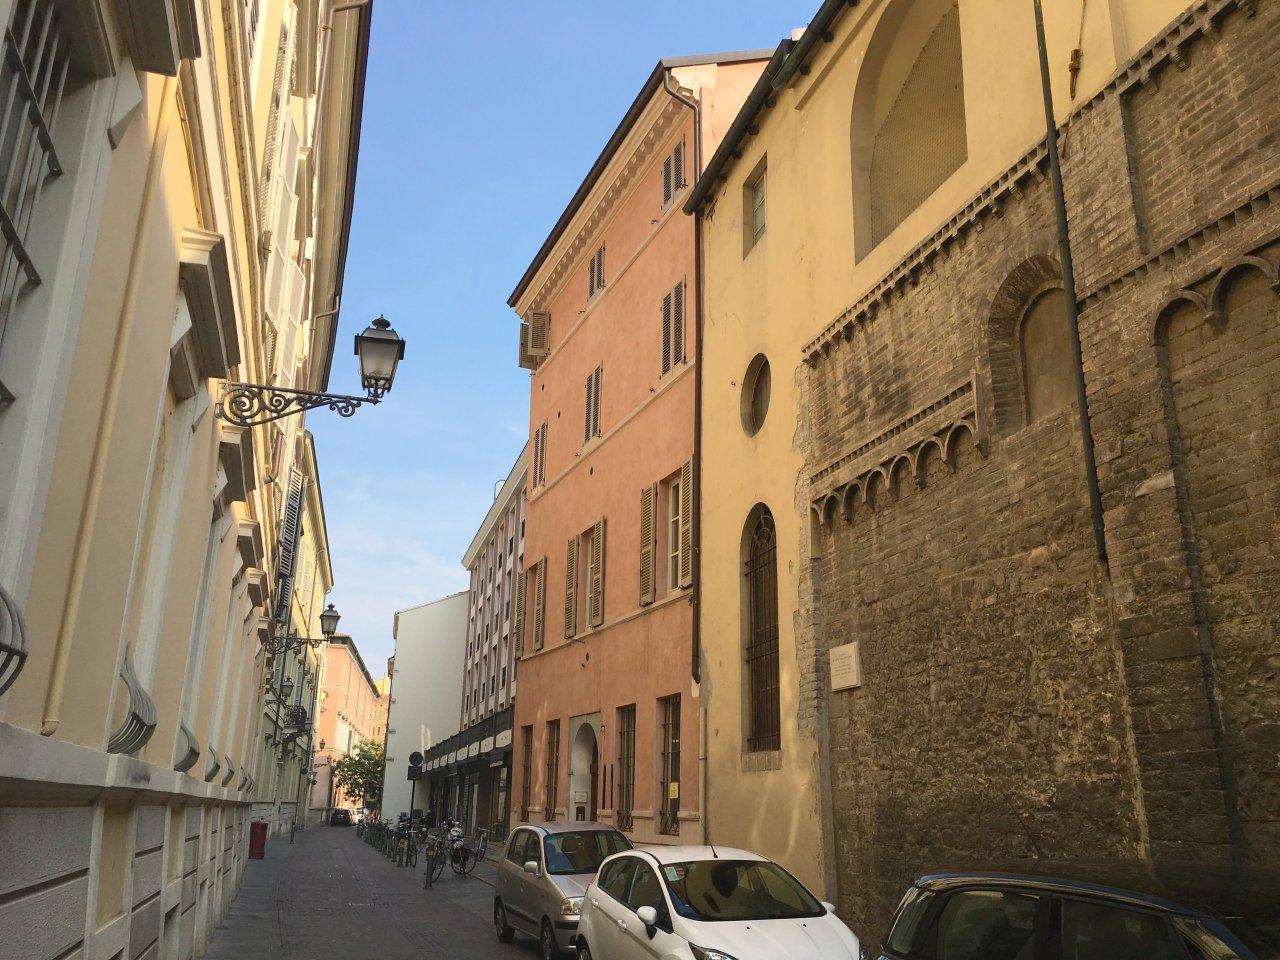 Appartamento in vendita a Parma, 4 locali, prezzo € 320.000 | CambioCasa.it